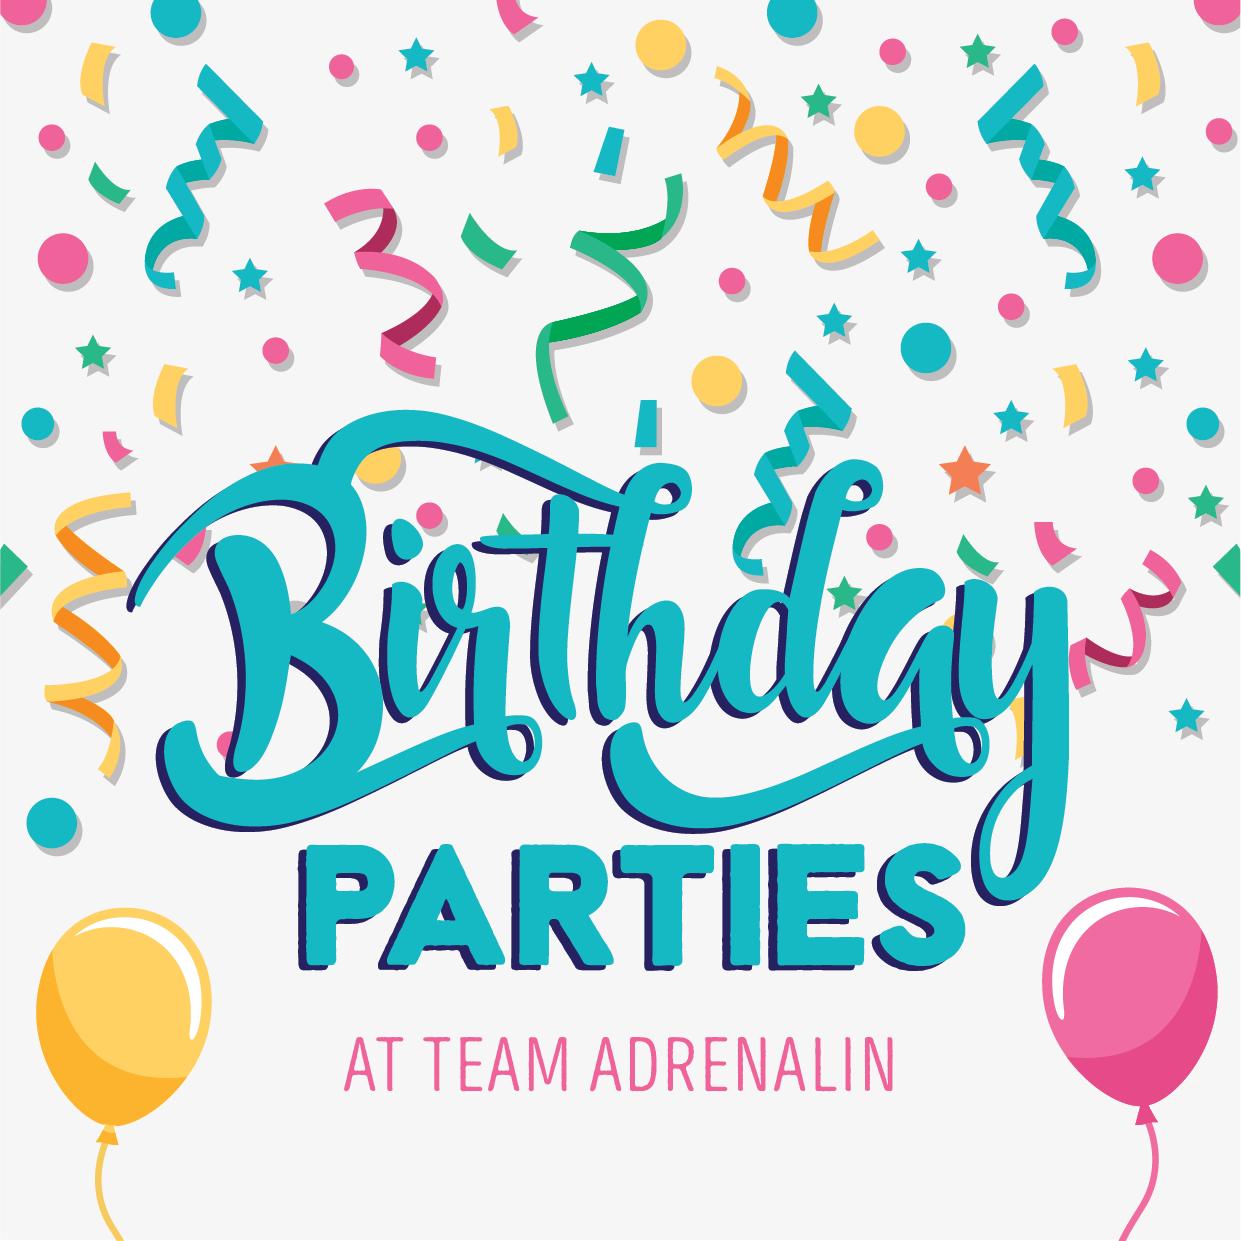 Birthday Parties Acrobatics